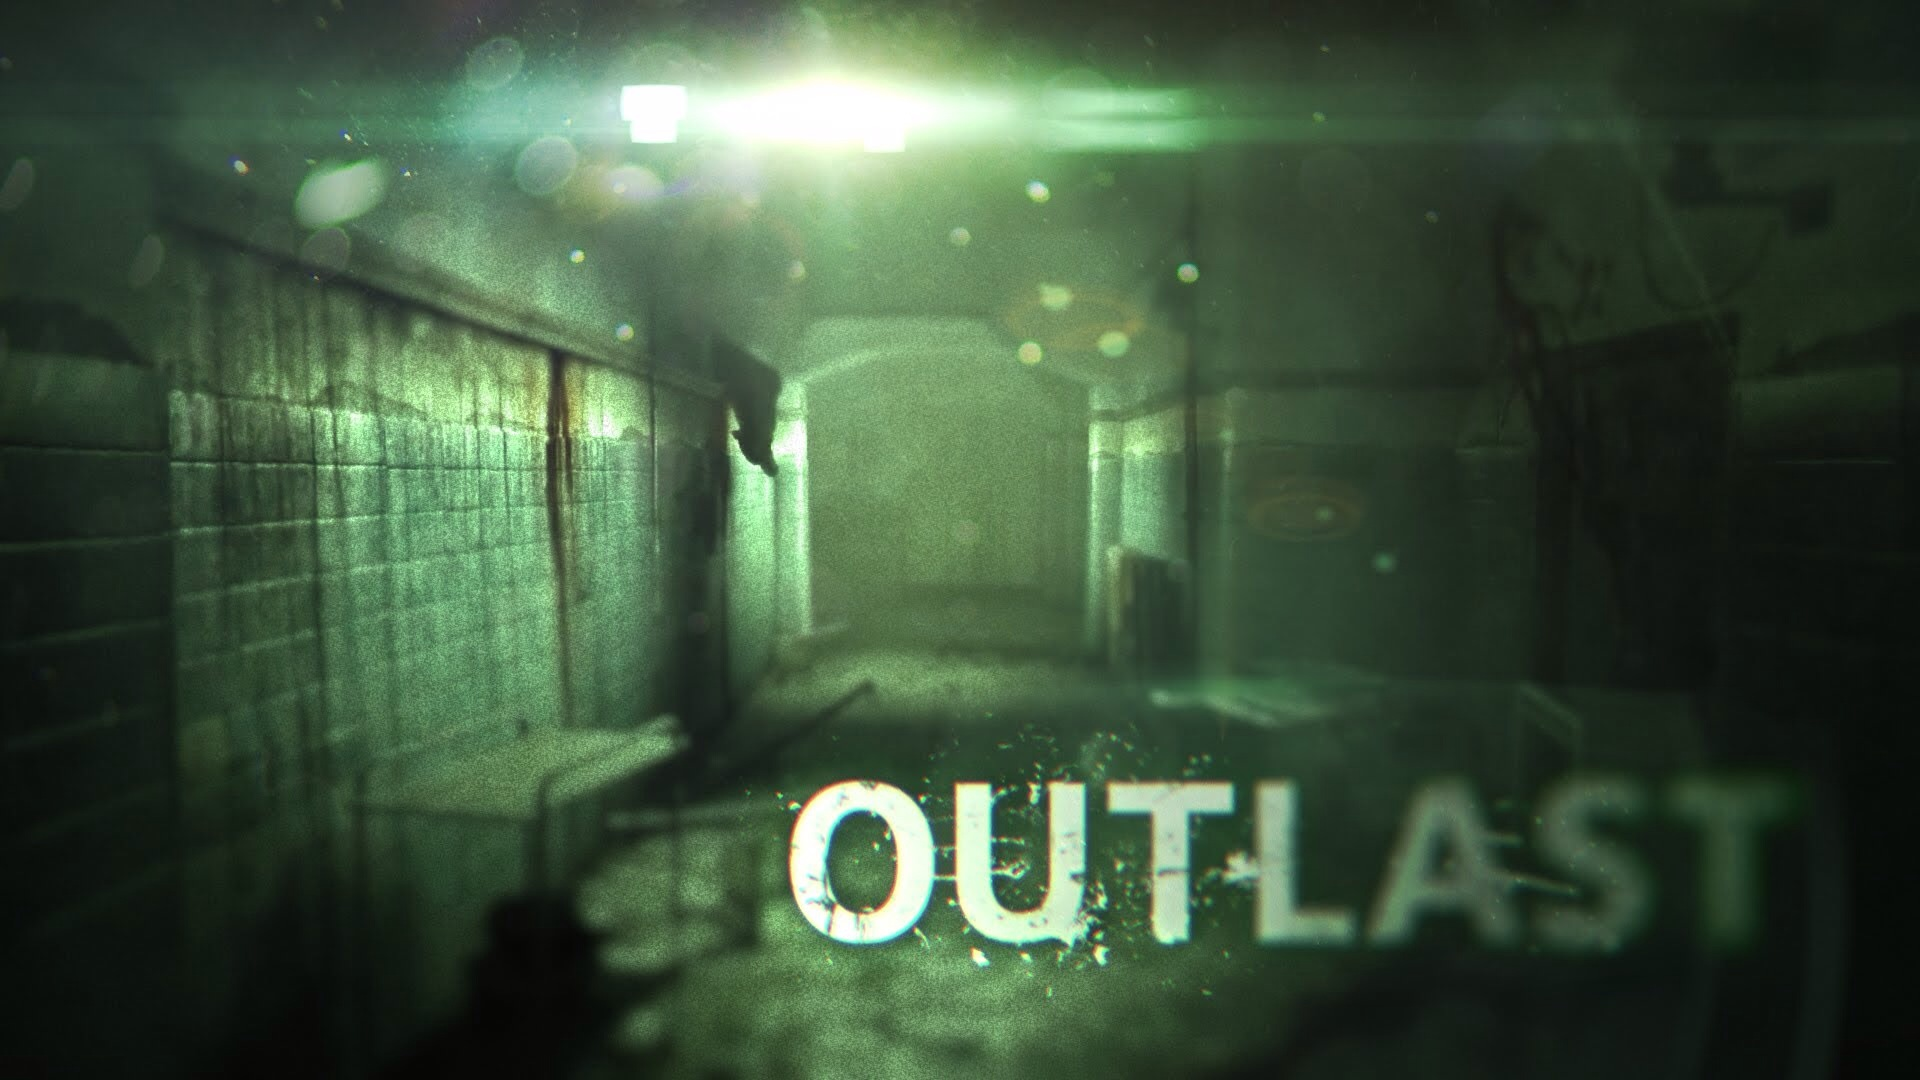 Outlast Wallpaper   Video Games Wallpaper 37482376 1920x1080